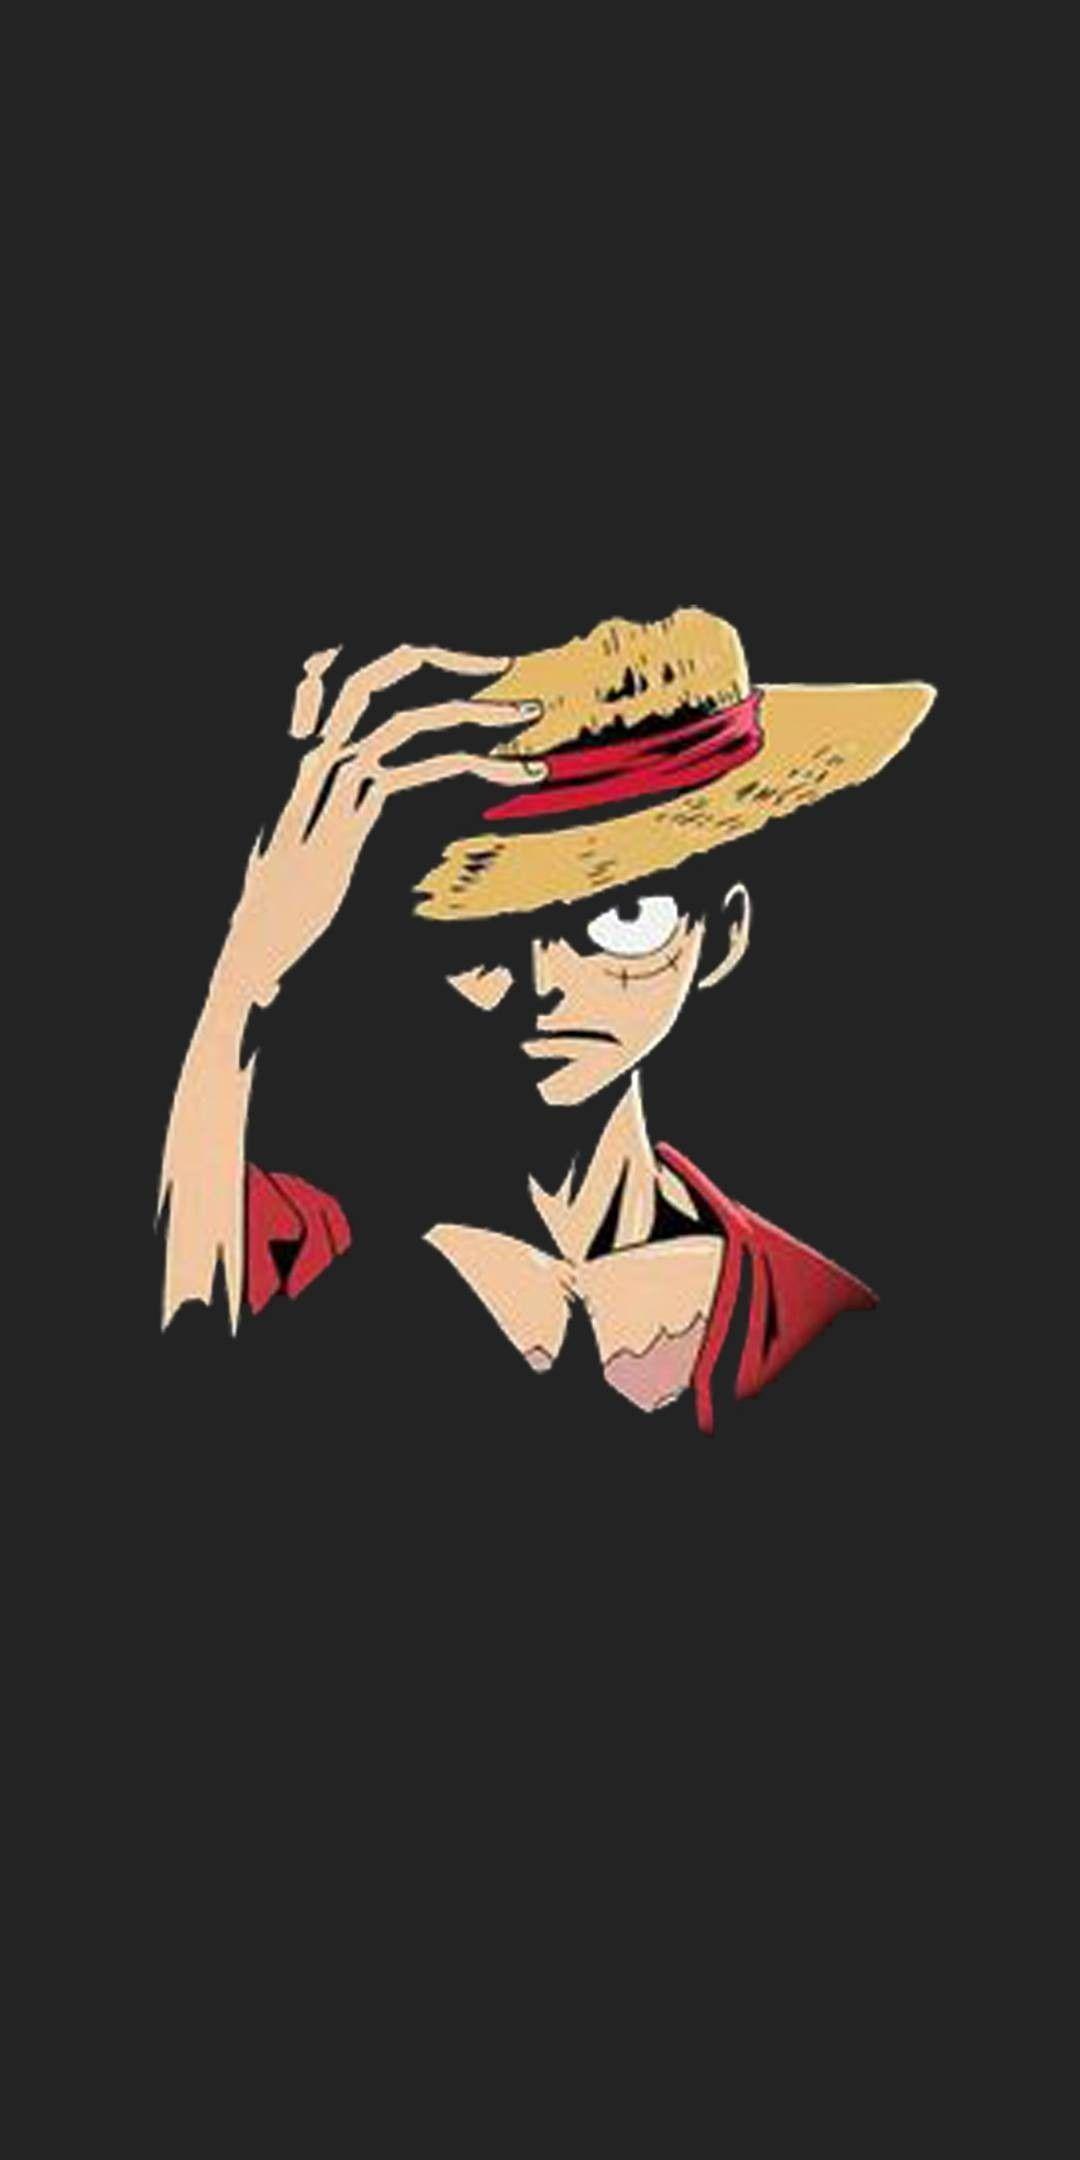 Monkey D Luffy Gambar Gambar Karakter Orang Animasi